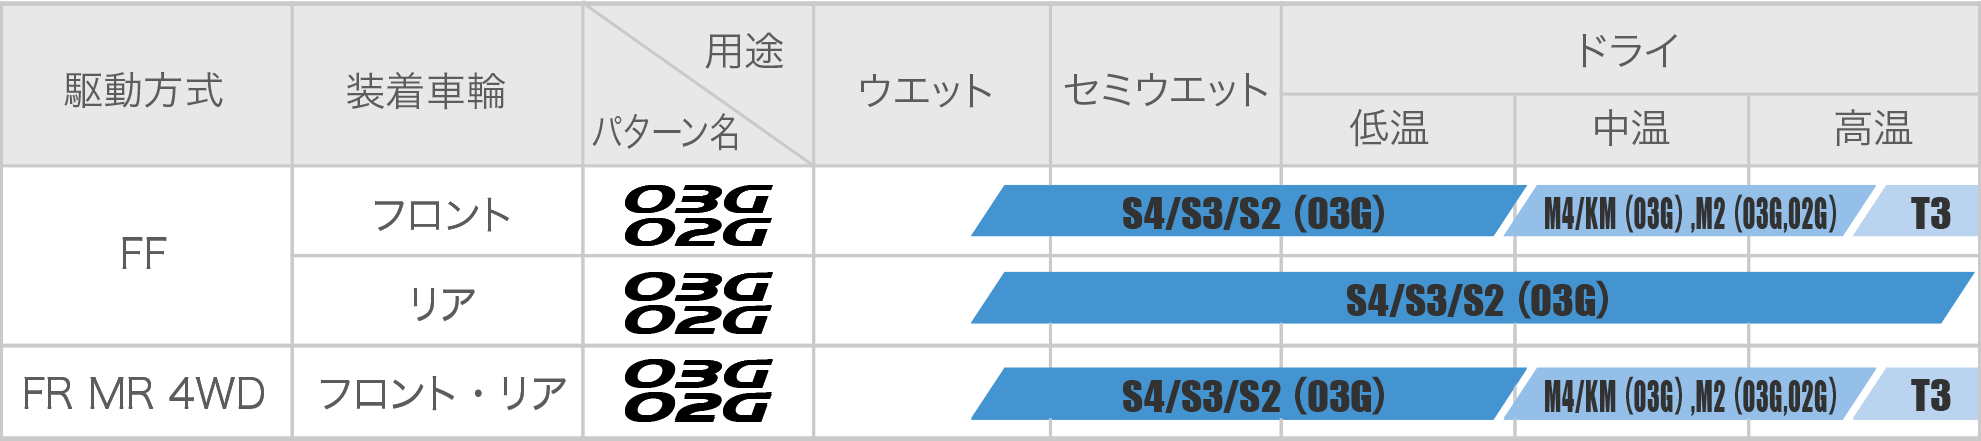 ジムカーナでの03G、02G用途別推奨スペック表